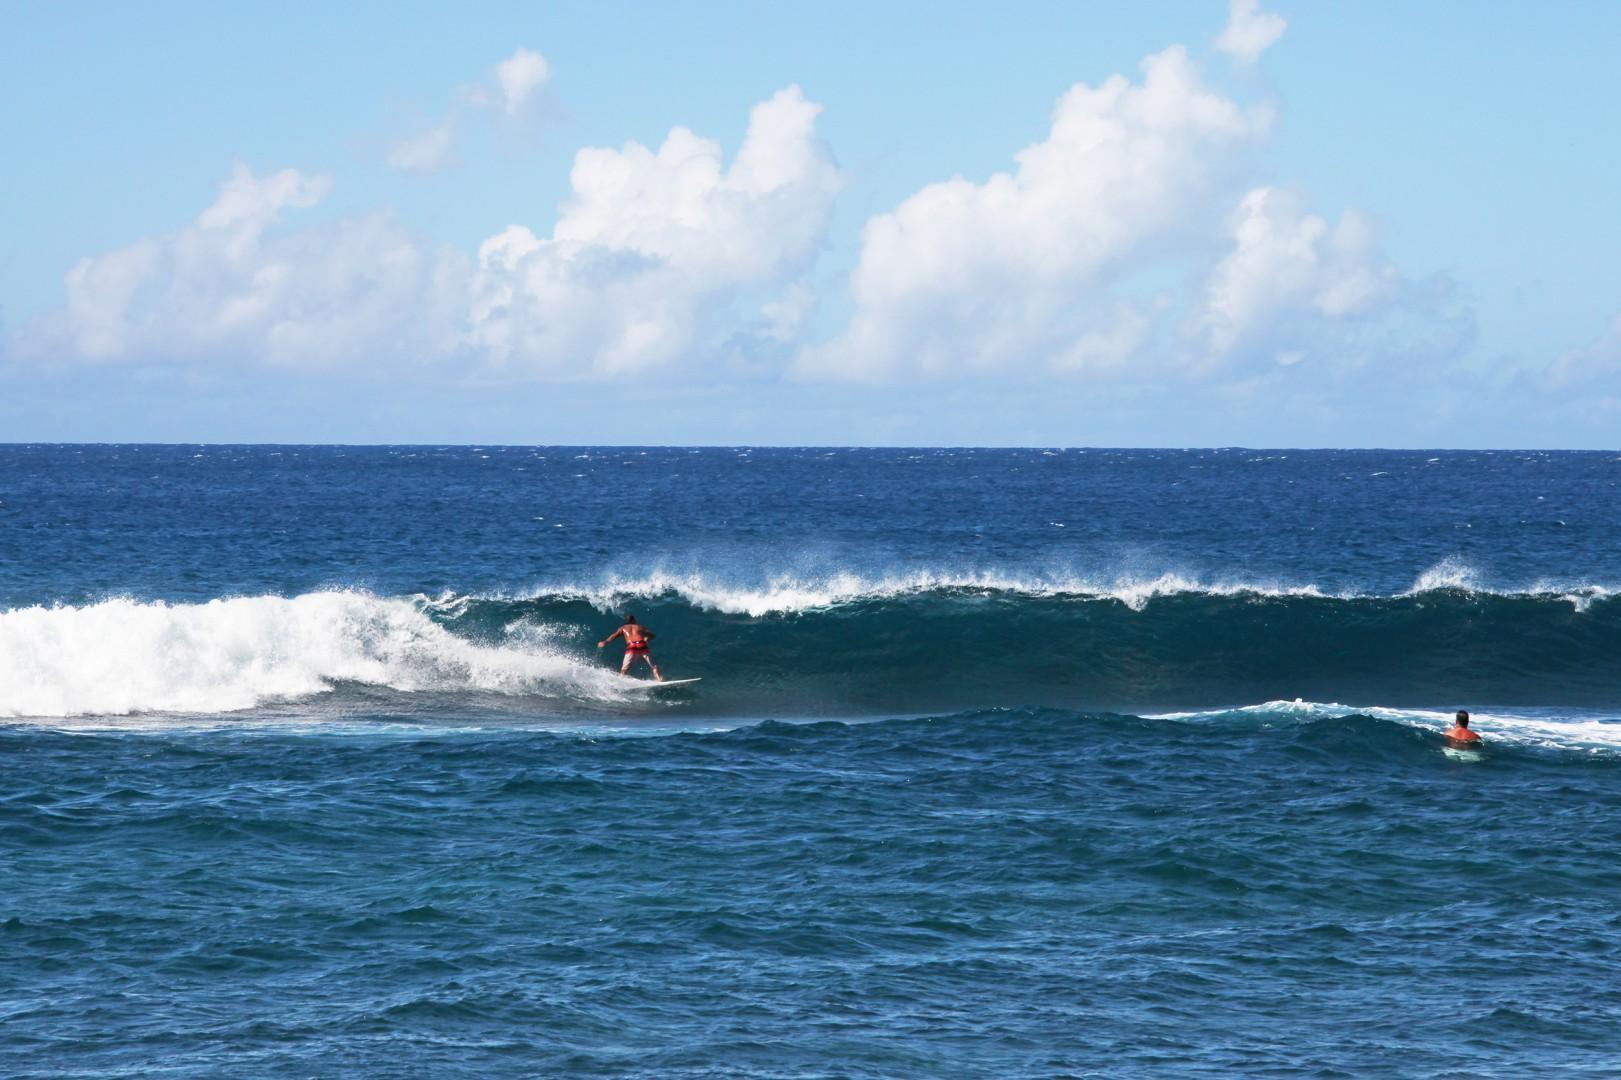 PK's surf spot